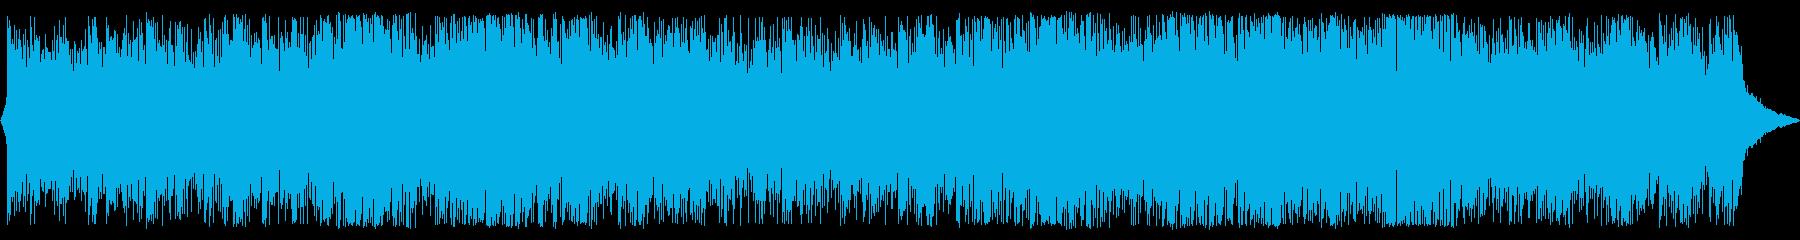 ピアノ&シンセのハイブリッド/クール系曲の再生済みの波形